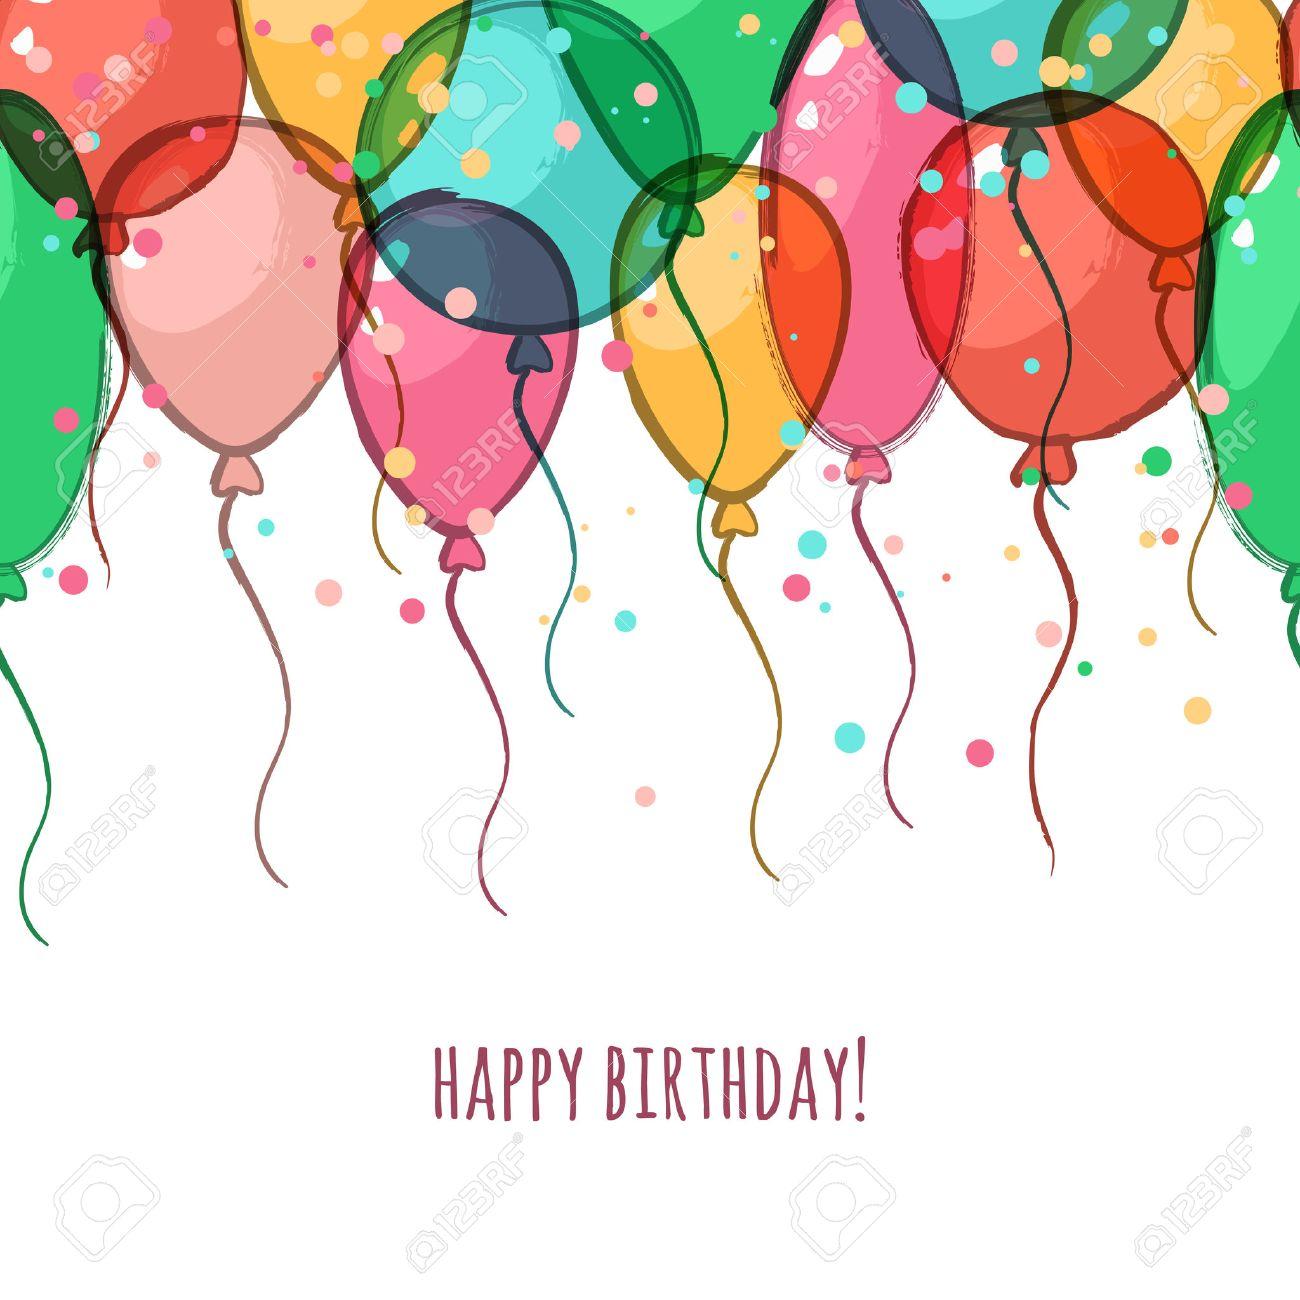 Famoso Biglietto Di Auguri Di Compleanno Con Palloncini Colorati Aria  CG47